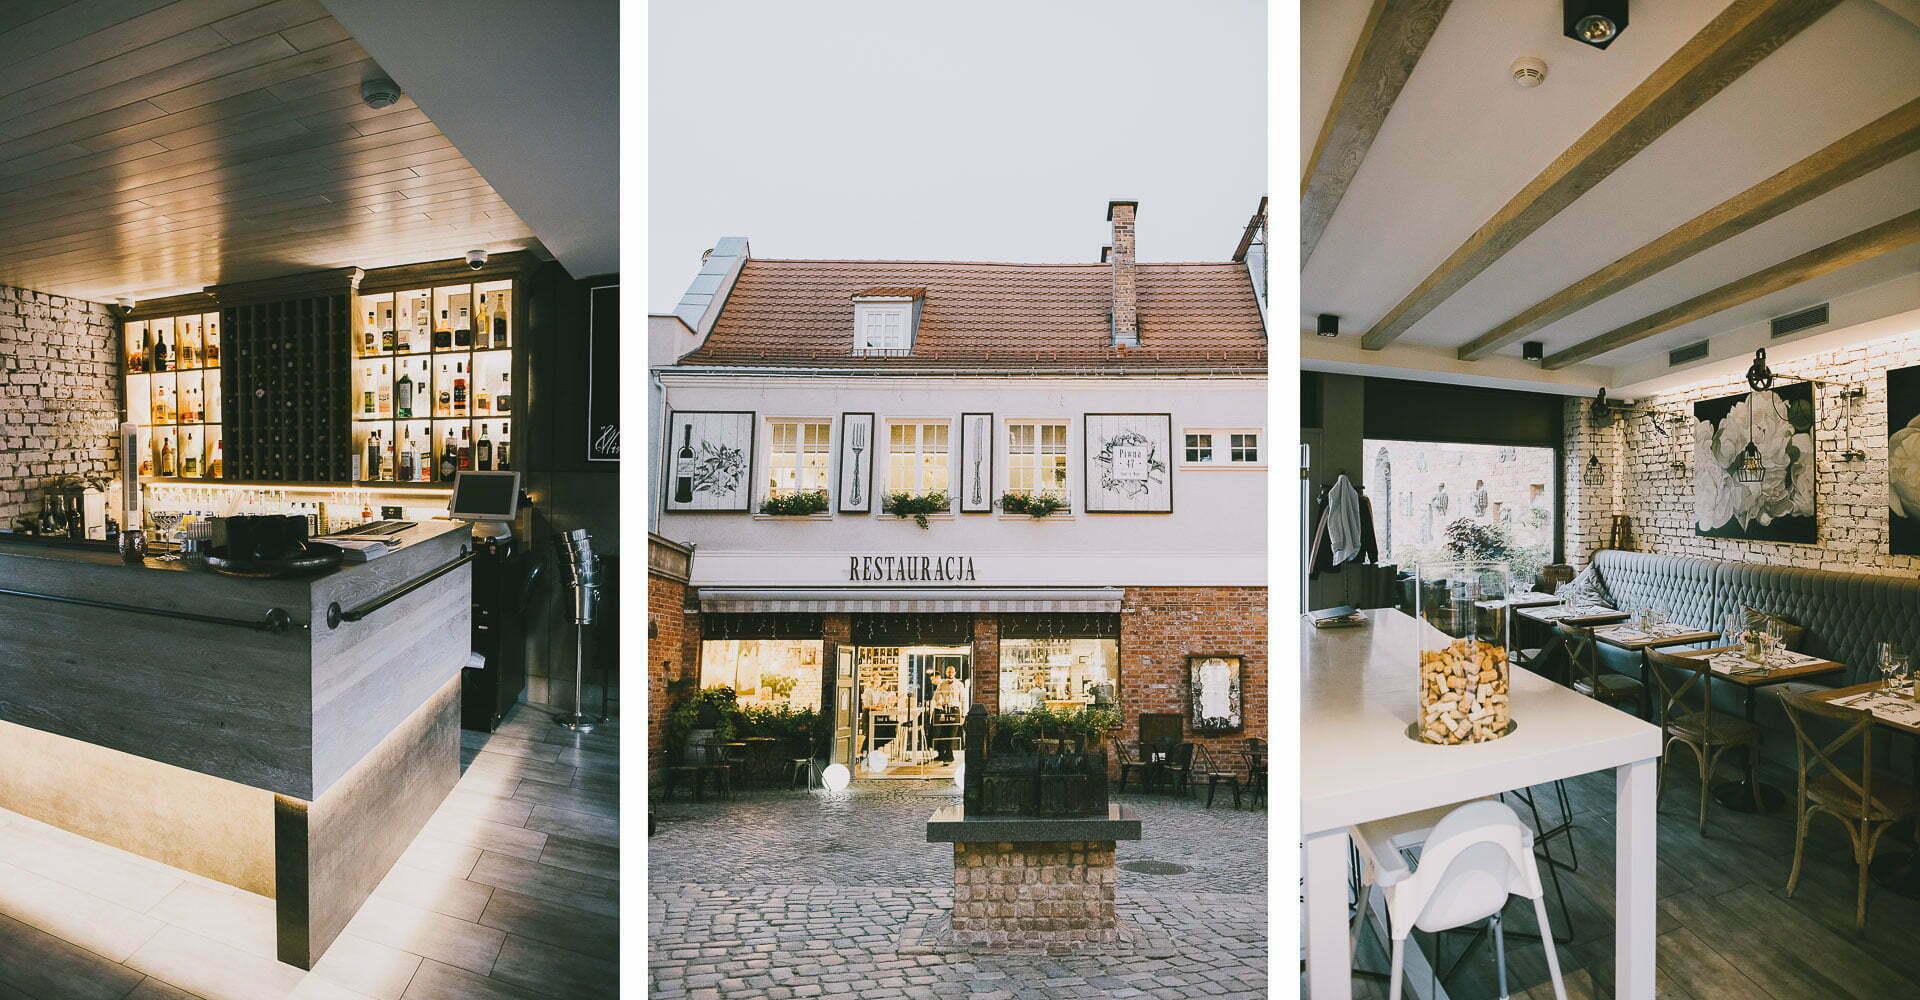 Gdańsk - Restauracja Piwna 47 Food & Wine Bar